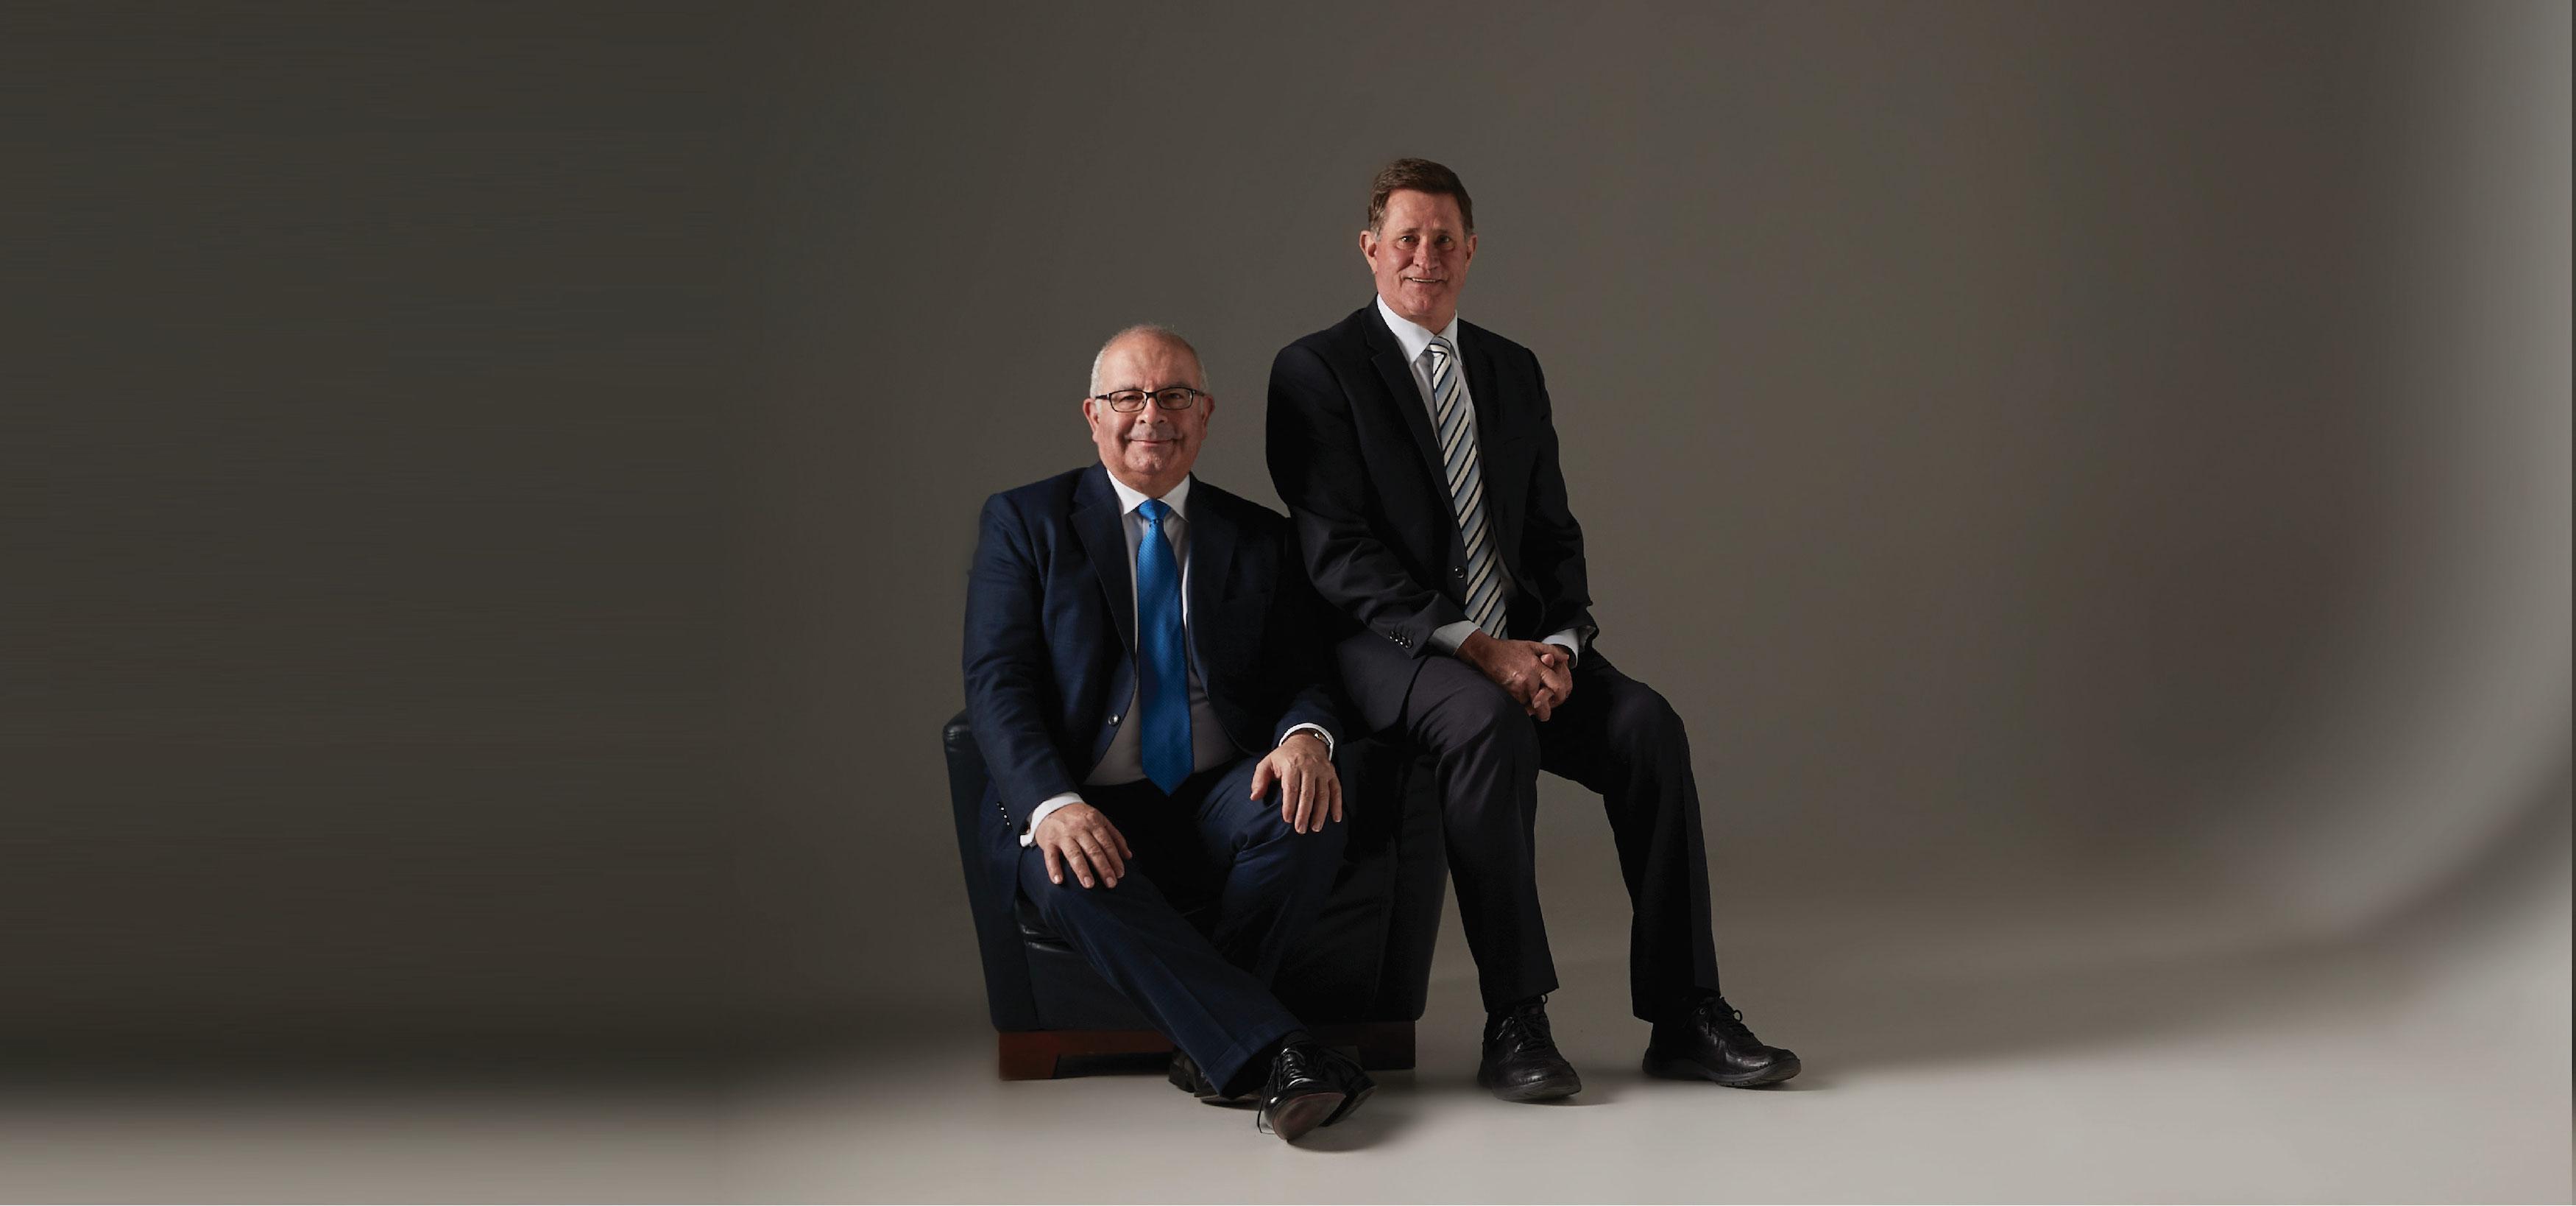 John Sinisgalli and Alan Foster